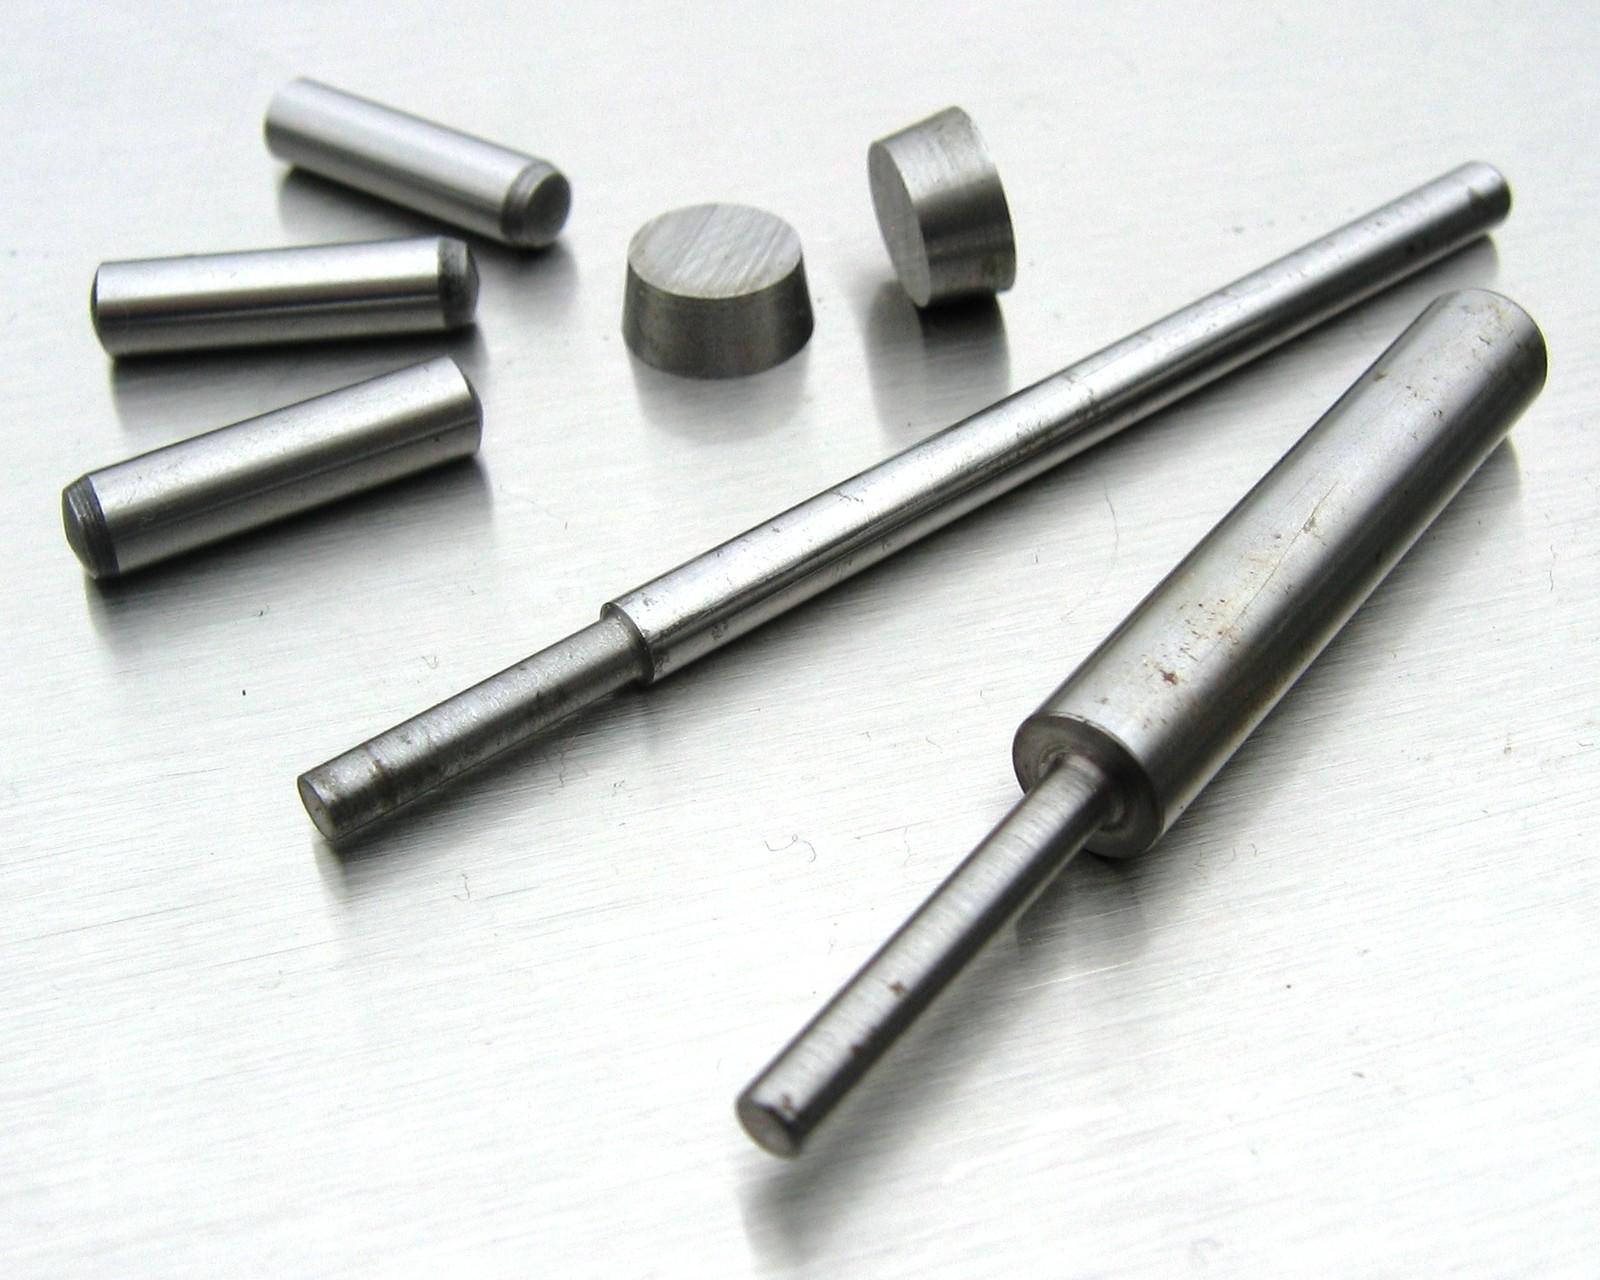 Positionsstifte, Zylinderstifte, Passstifte